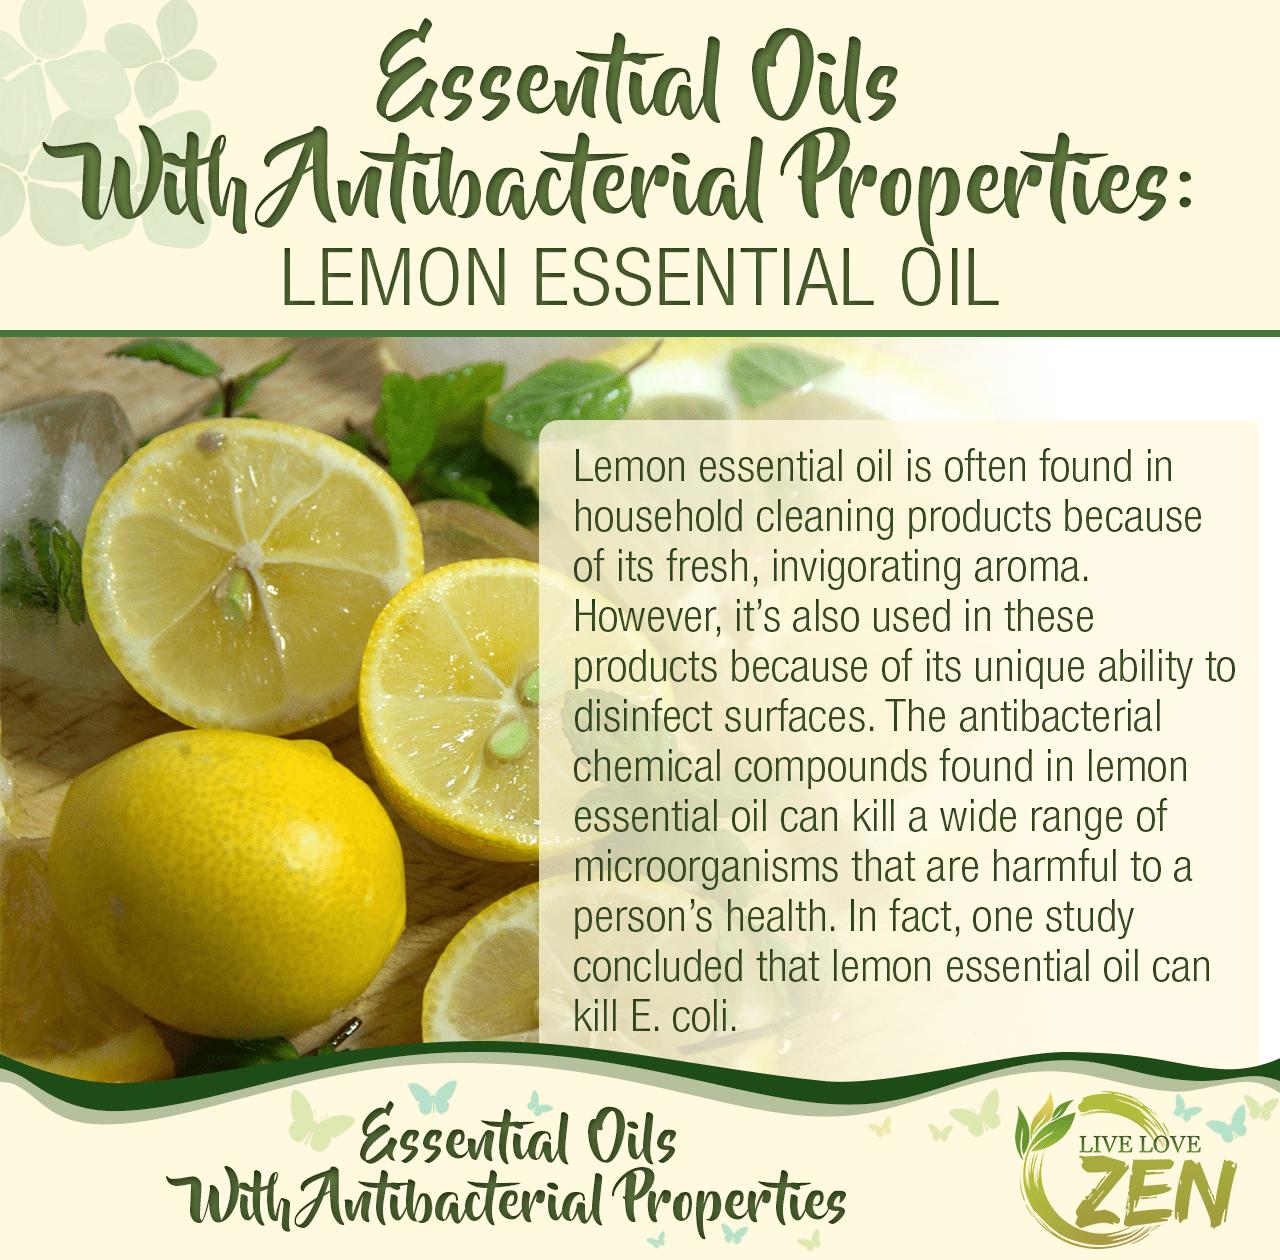 how is lemon antibacterial